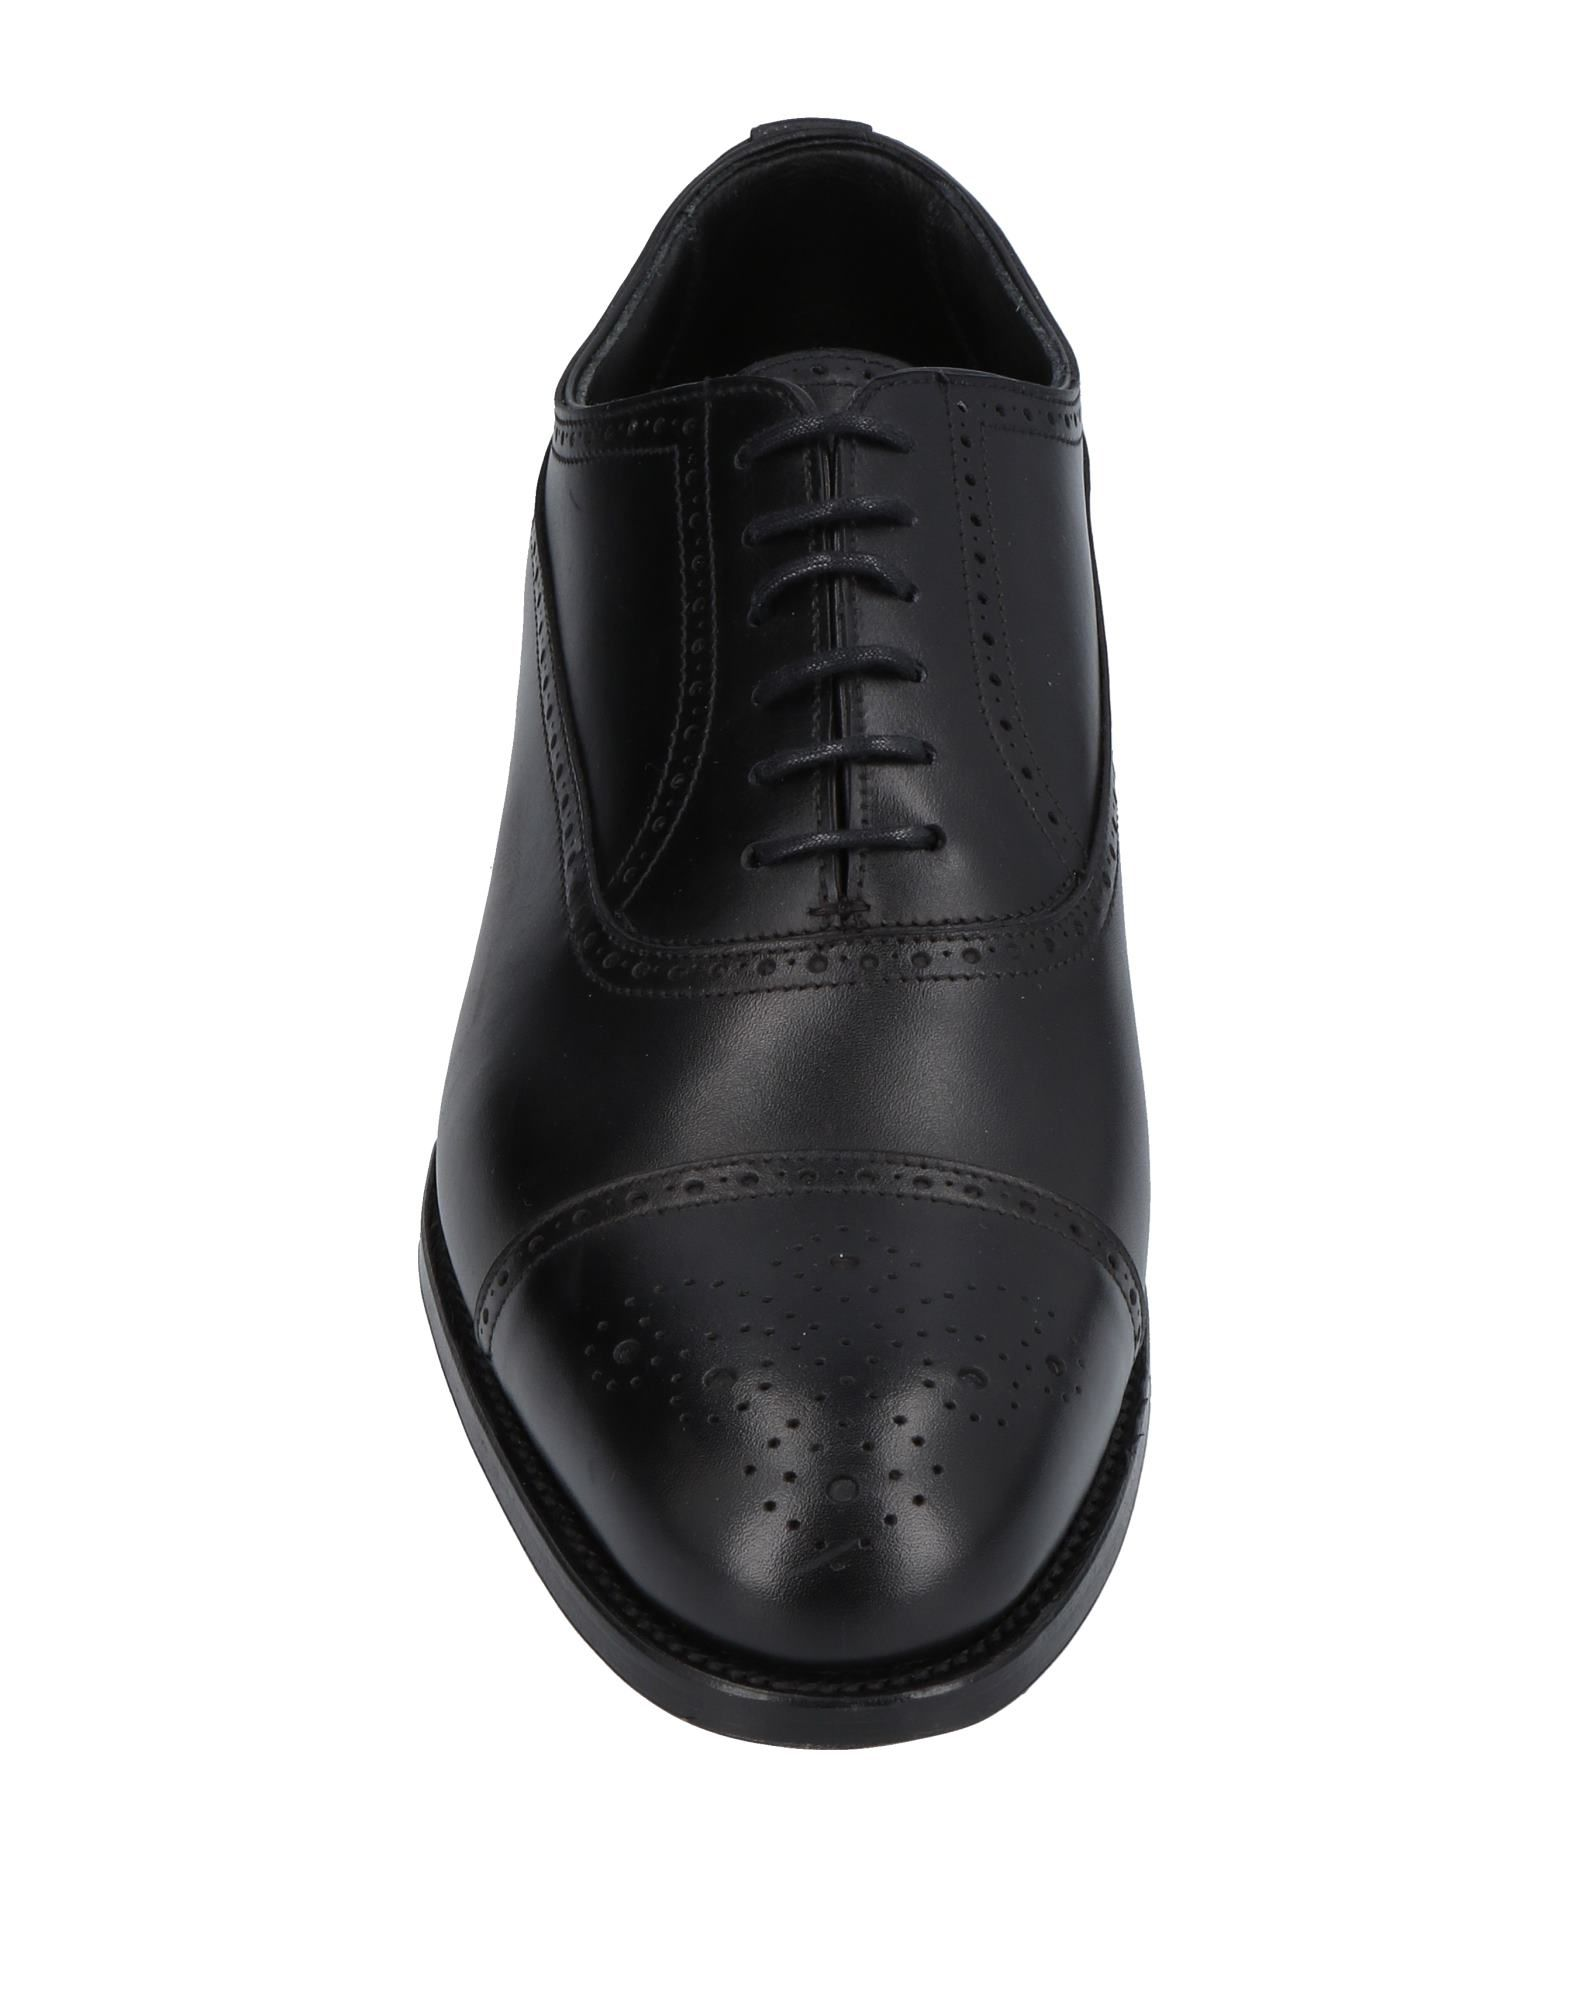 Grenson Schnürschuhe Herren  11462022SK Gute Qualität beliebte Schuhe